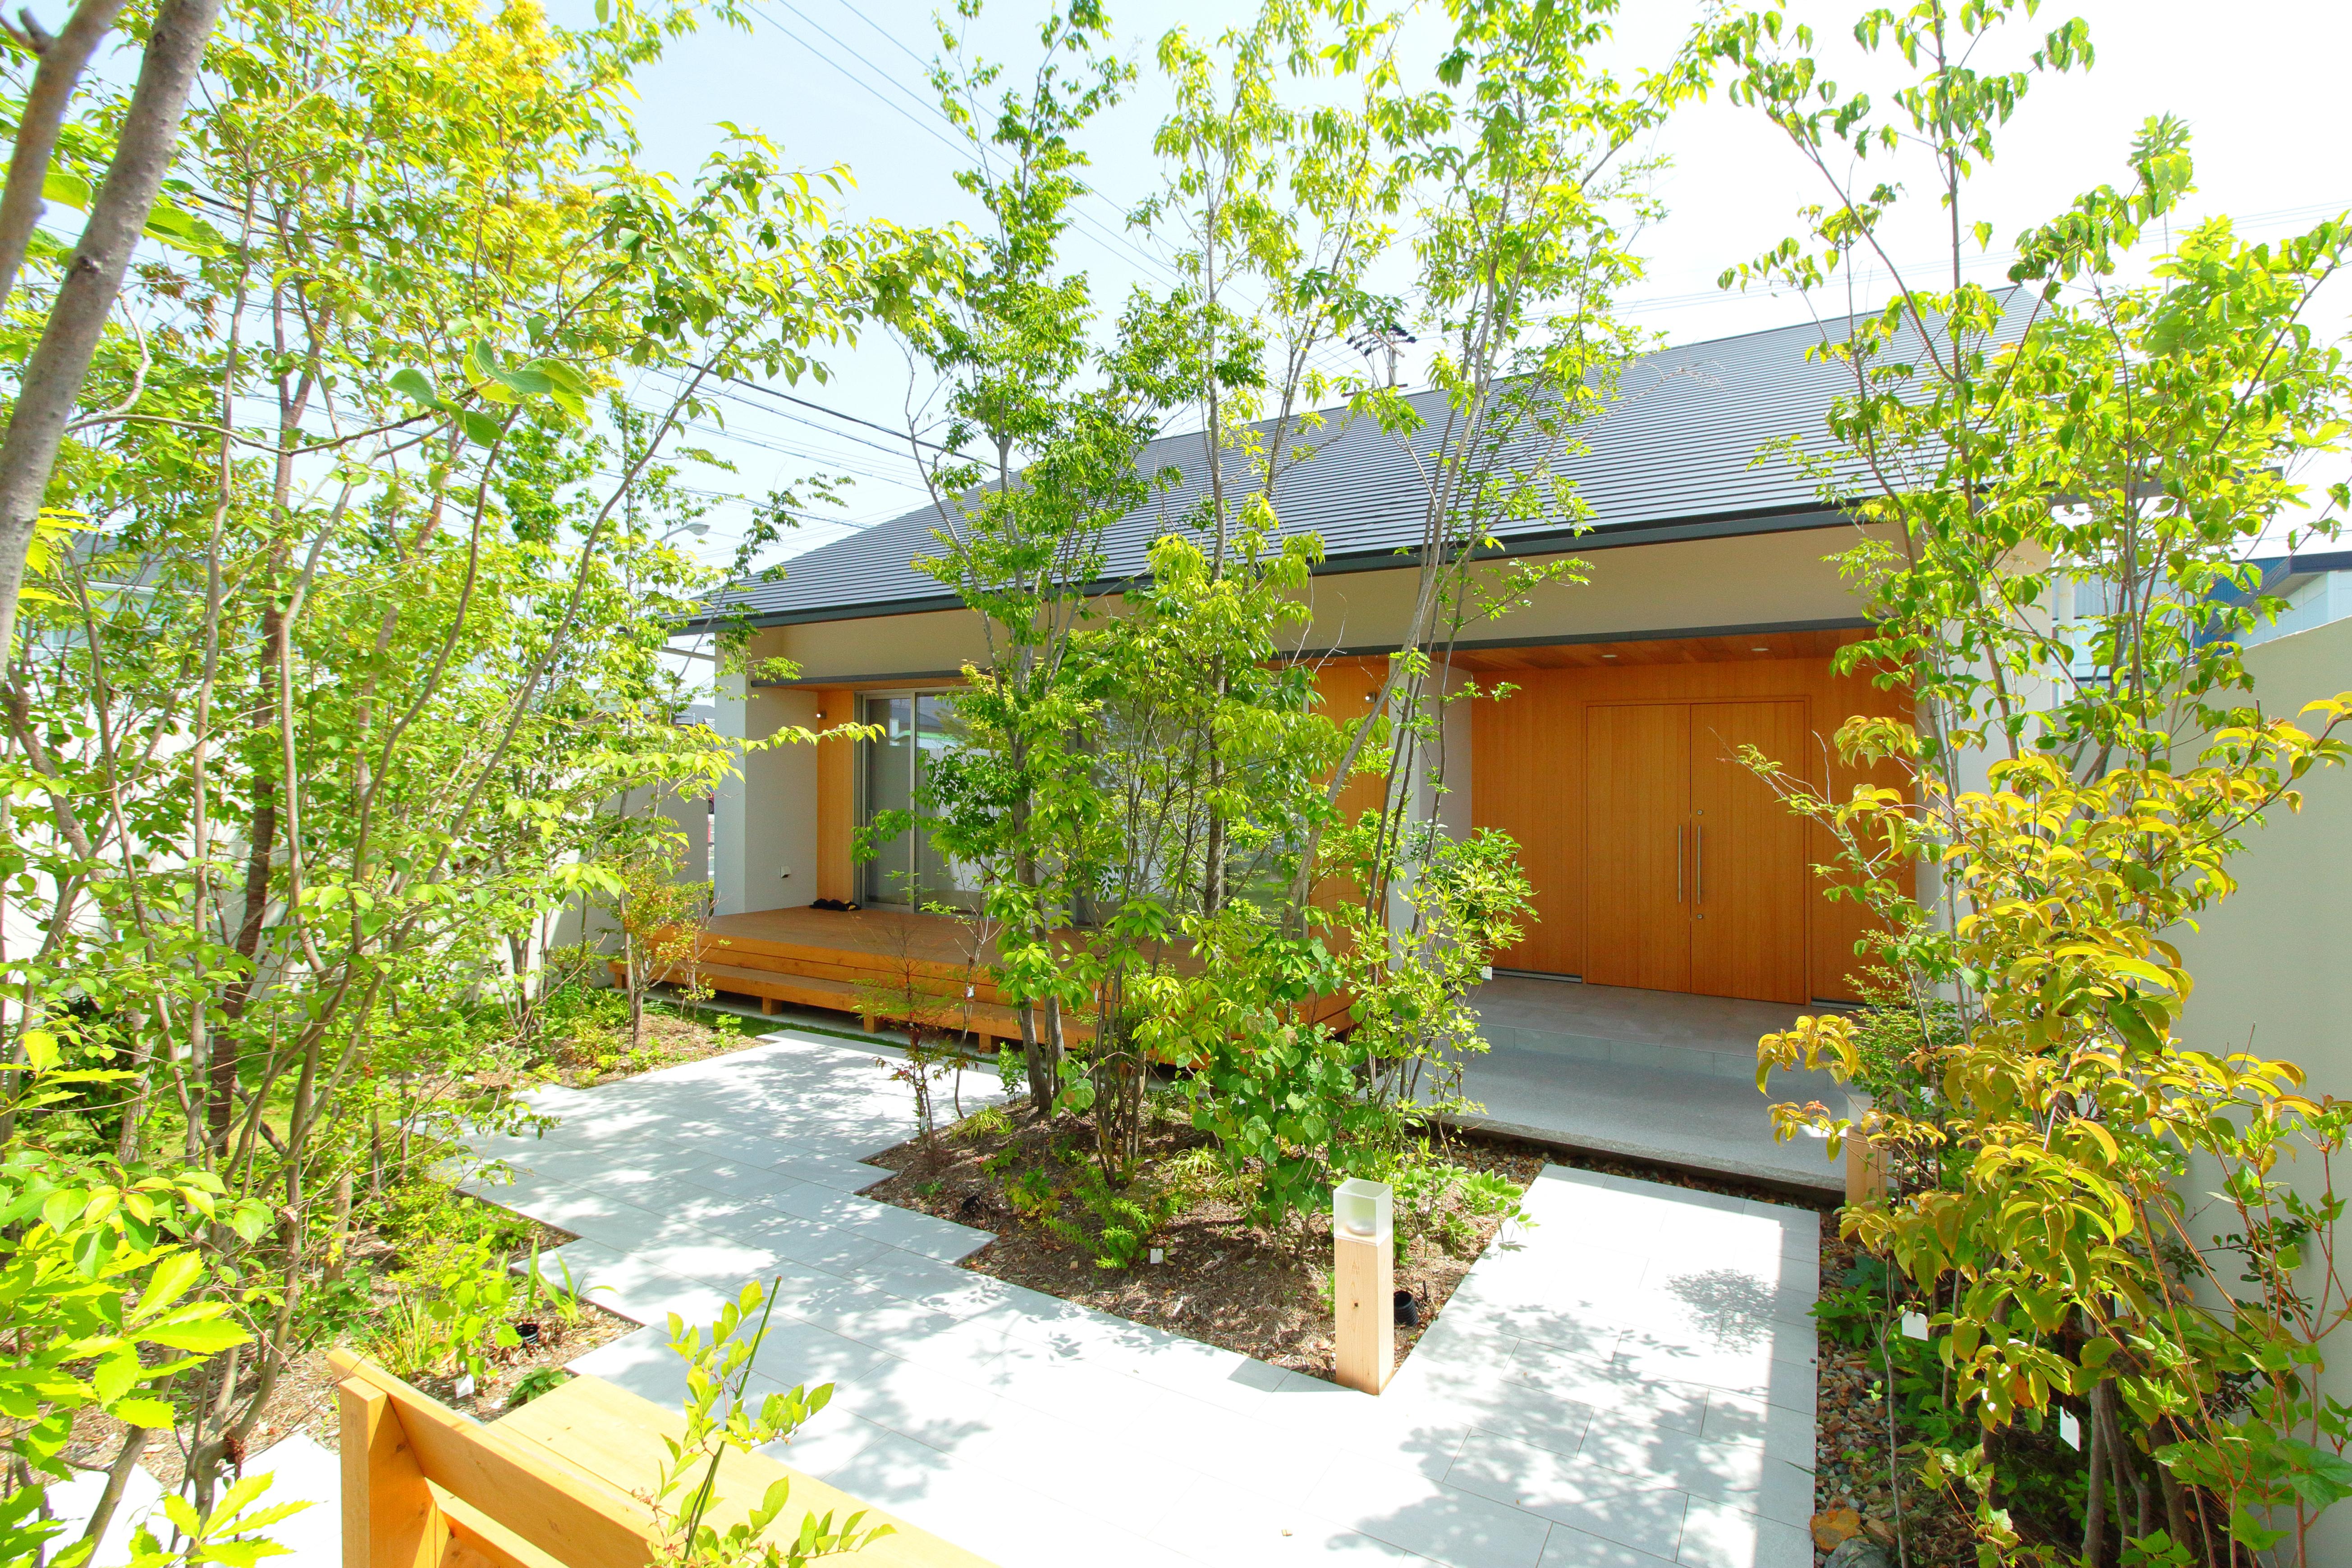 アイジースタイルハウス【長久手市石場67・モデルハウス】大屋根の美しいフォルムが印象的な外観デザイン。遊歩道が隣接し、目の前を小川が流れ、すぐ近くに「モリコロパーク」があるという自然に恵まれた住環境も魅力